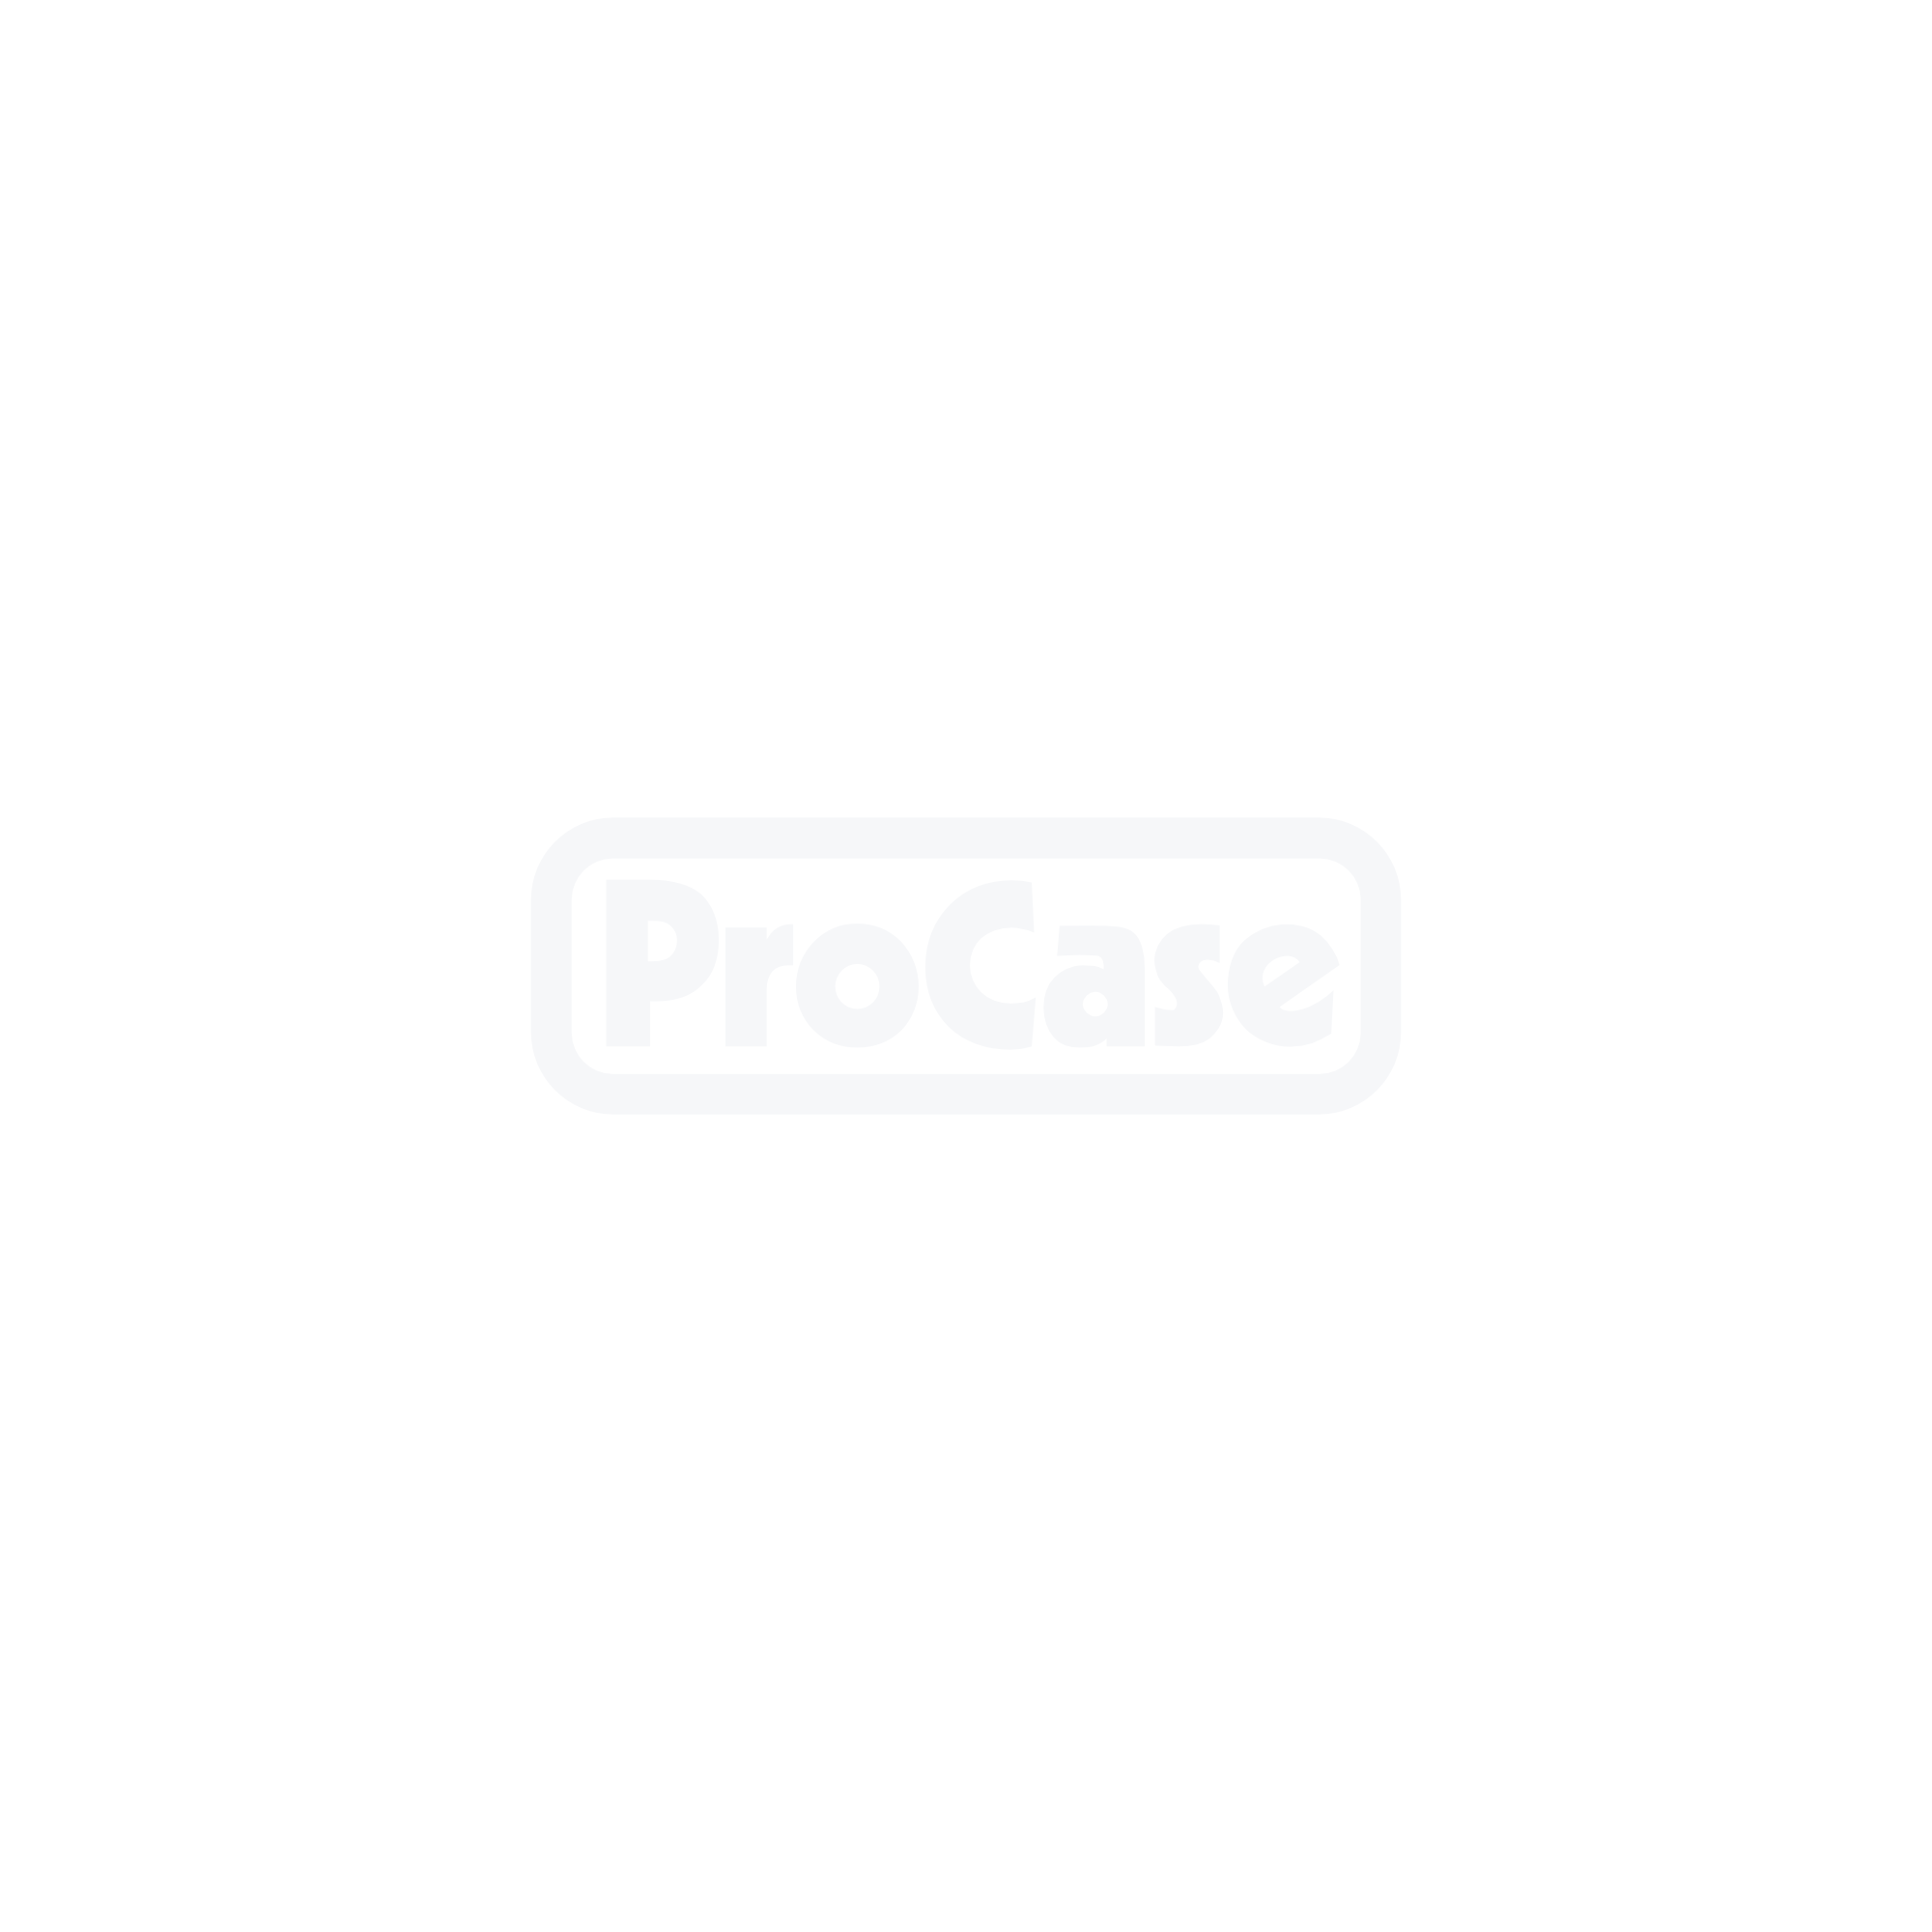 Flightcase für 1 St. Citron MTIR550W-V1 2